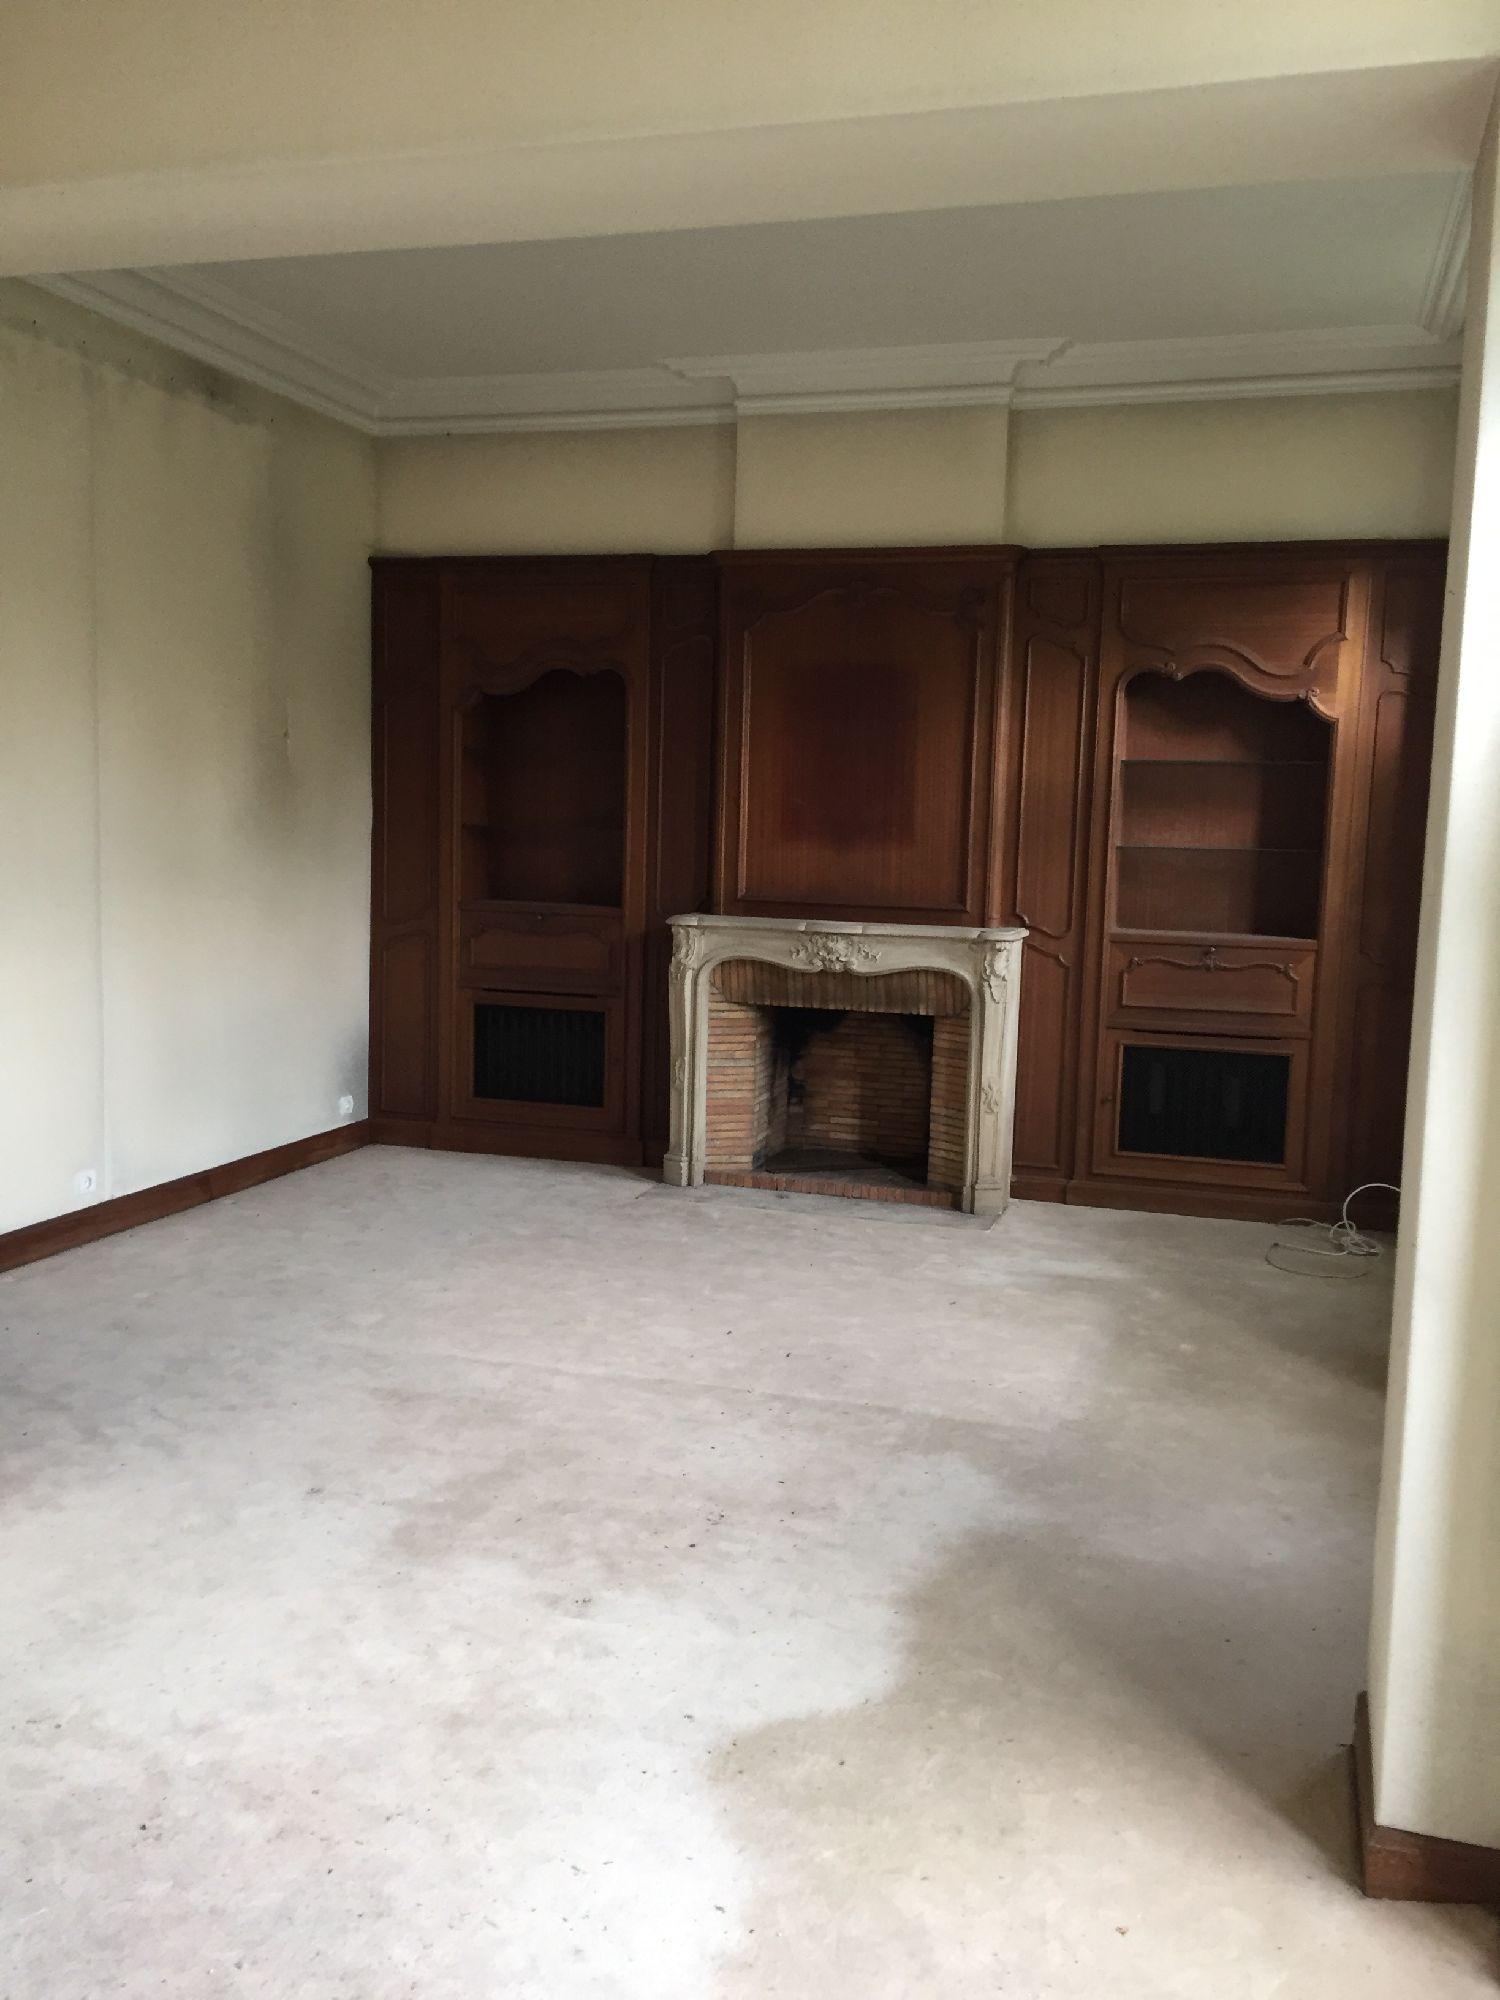 vente maison st amand les eaux prix 260 000 hni ref 59175 877. Black Bedroom Furniture Sets. Home Design Ideas